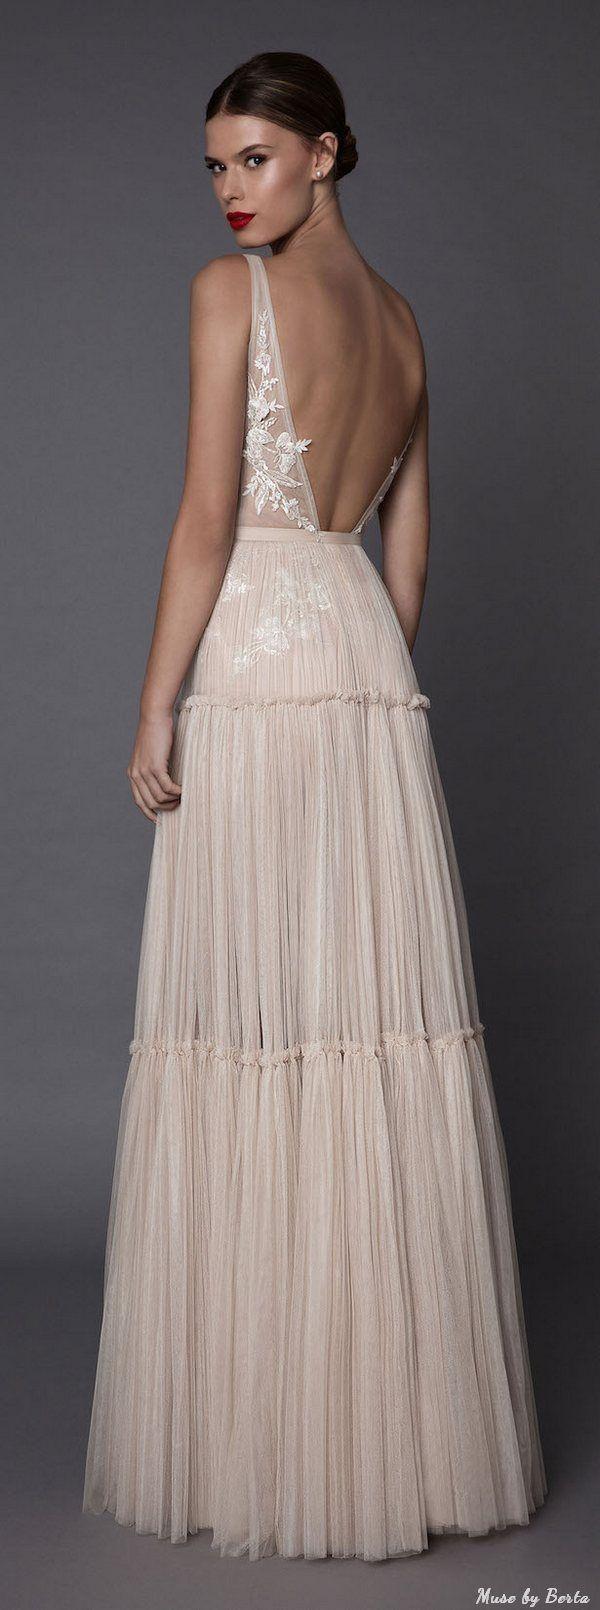 Muse by Berta Wedding Dress ANNABEL 3 | Deer Pearl Flowers